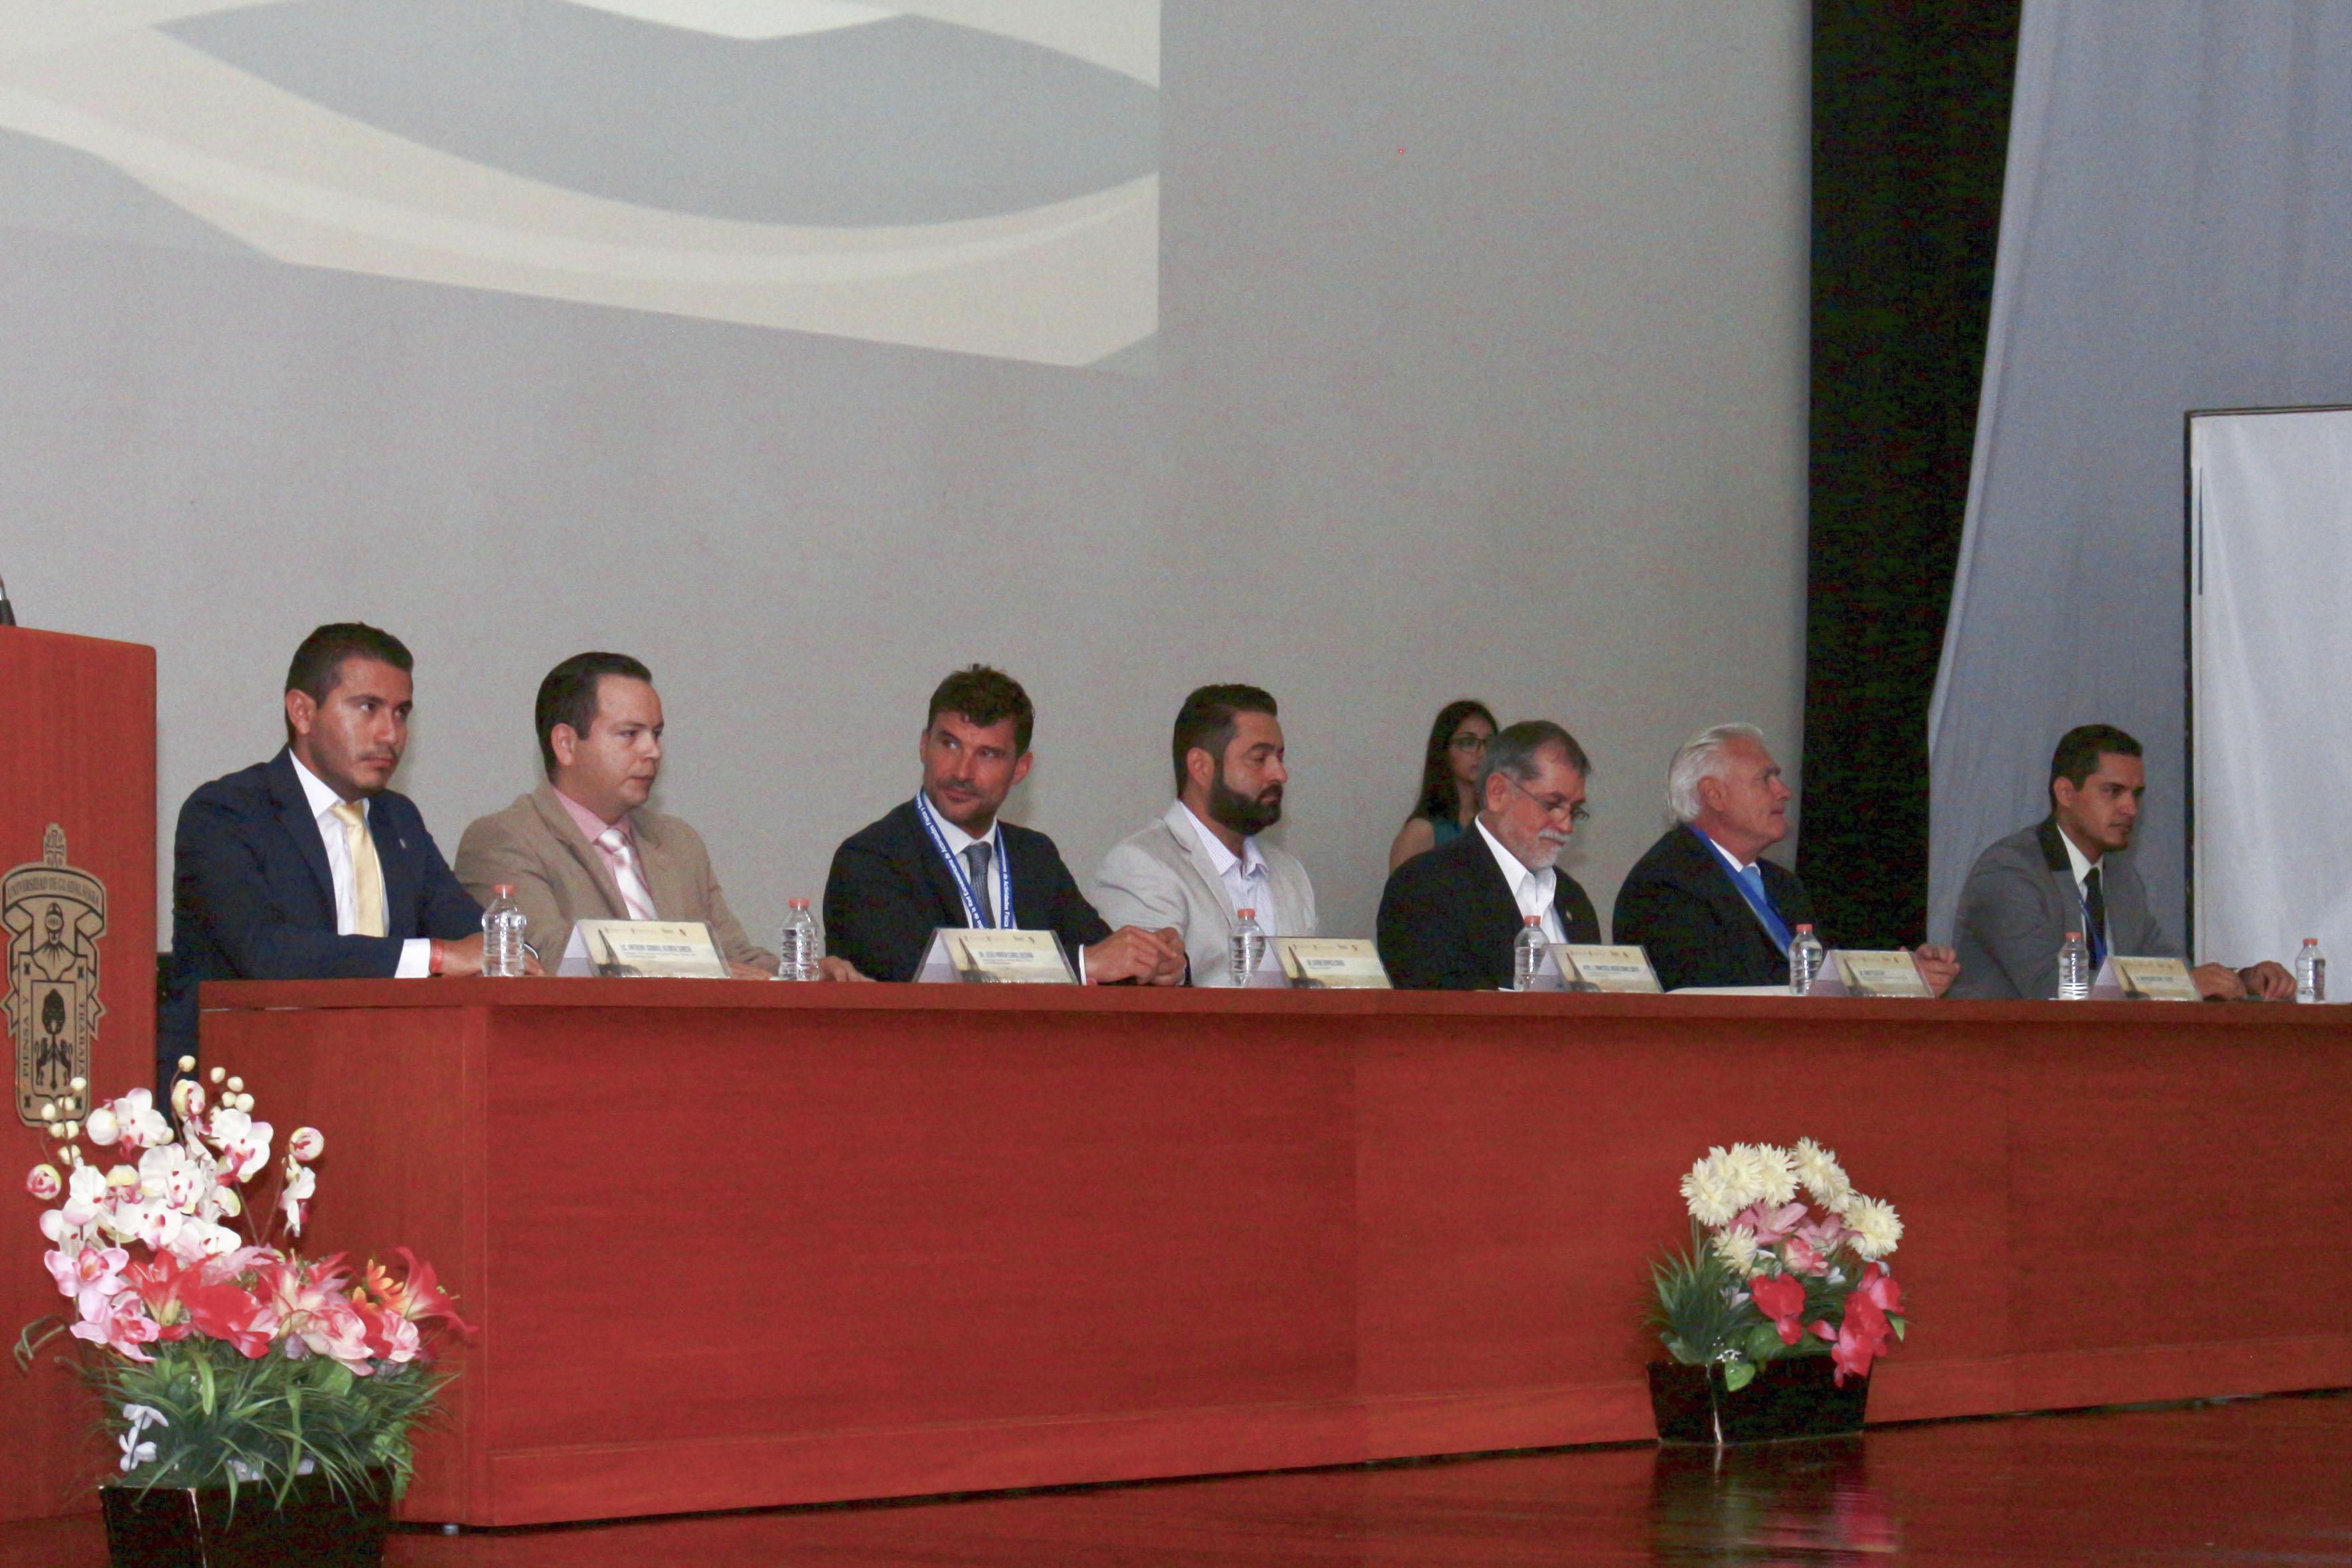 Miembros del presídium convocados por el Centro Universitario de la Costa,  para participar en la inauguración de los eventos.